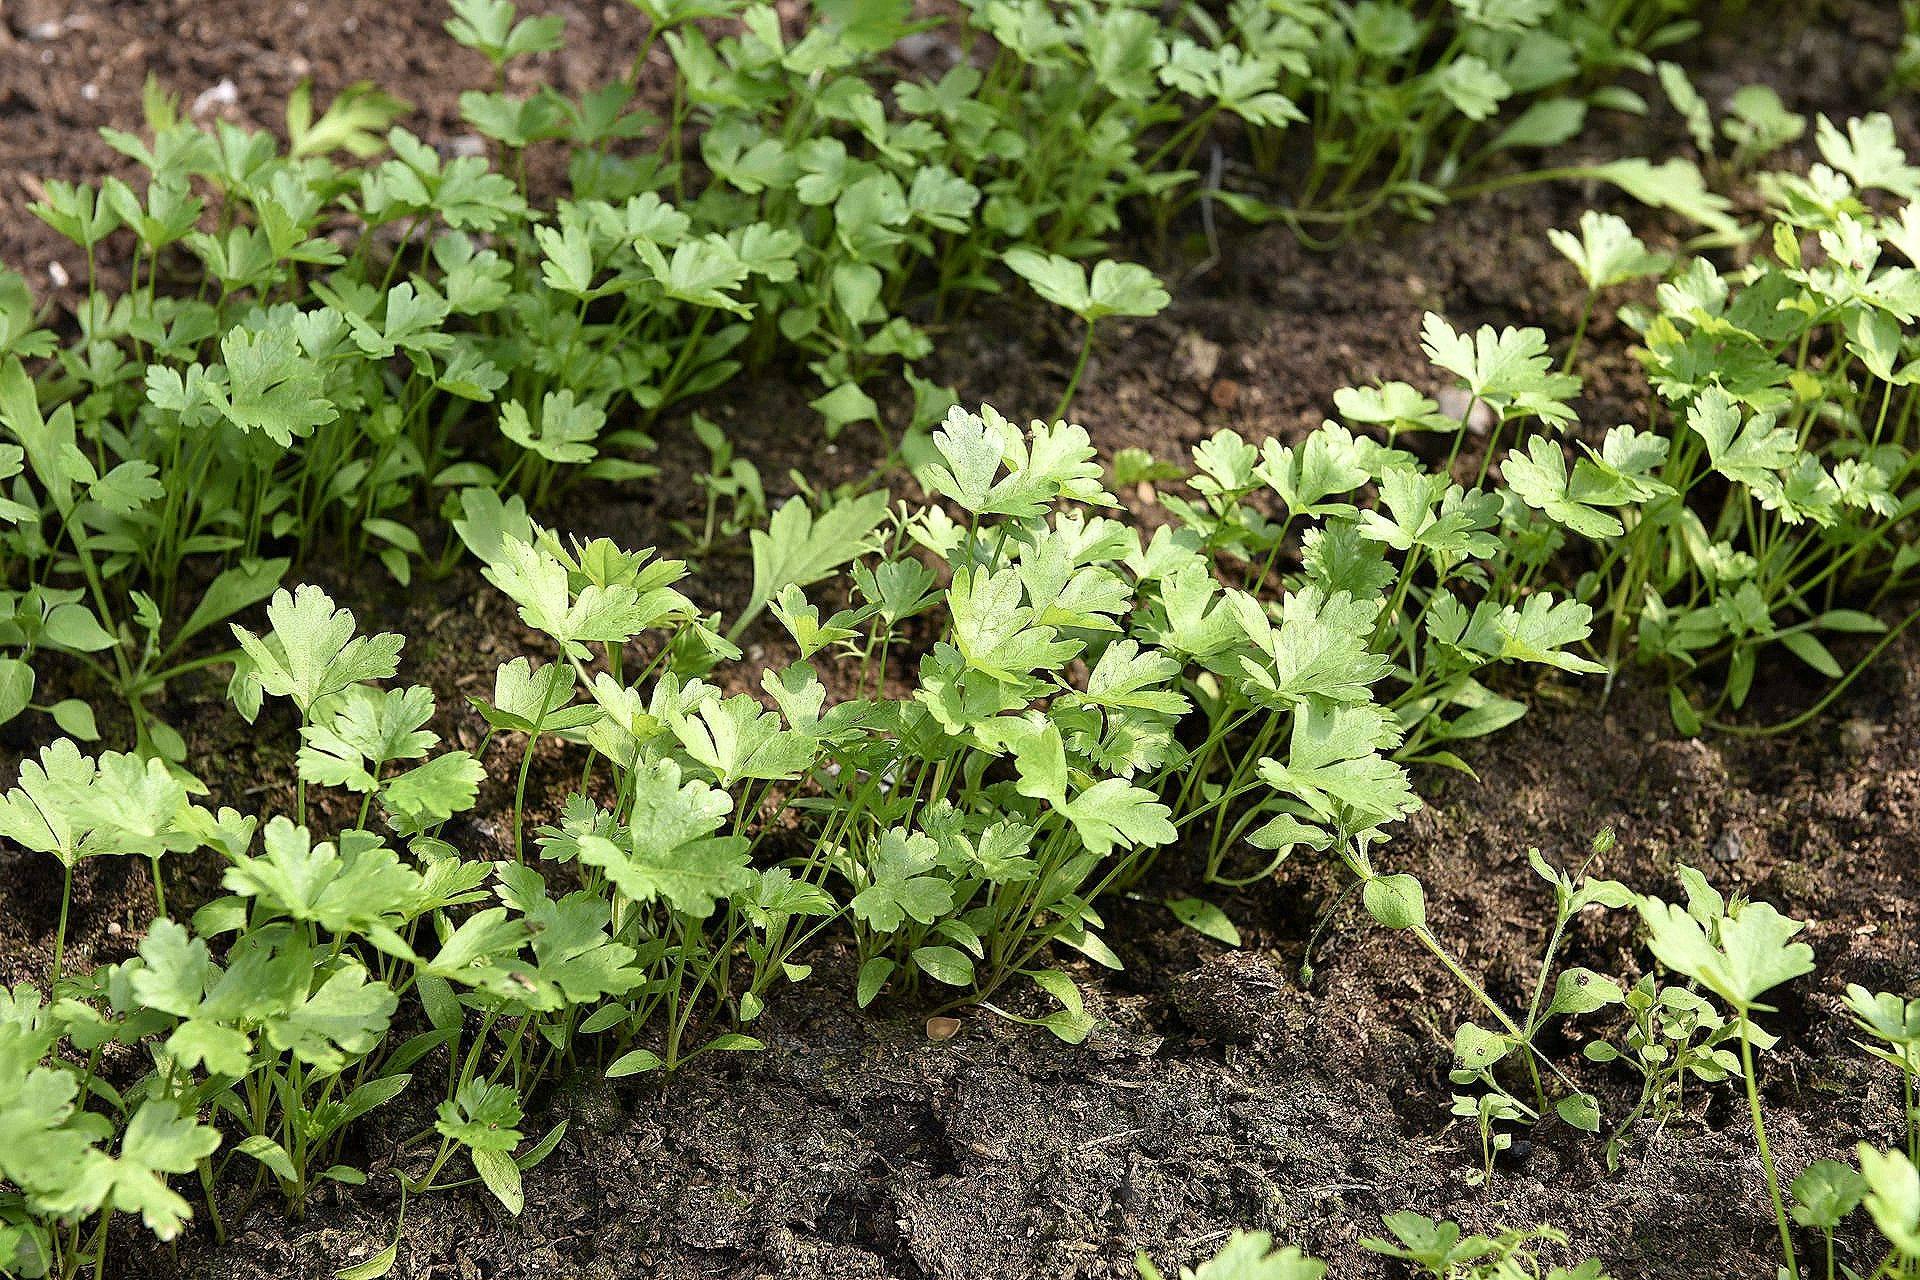 Выращивание петрушки из рассады от а до я: классический способ и необычный метод для домашних условий